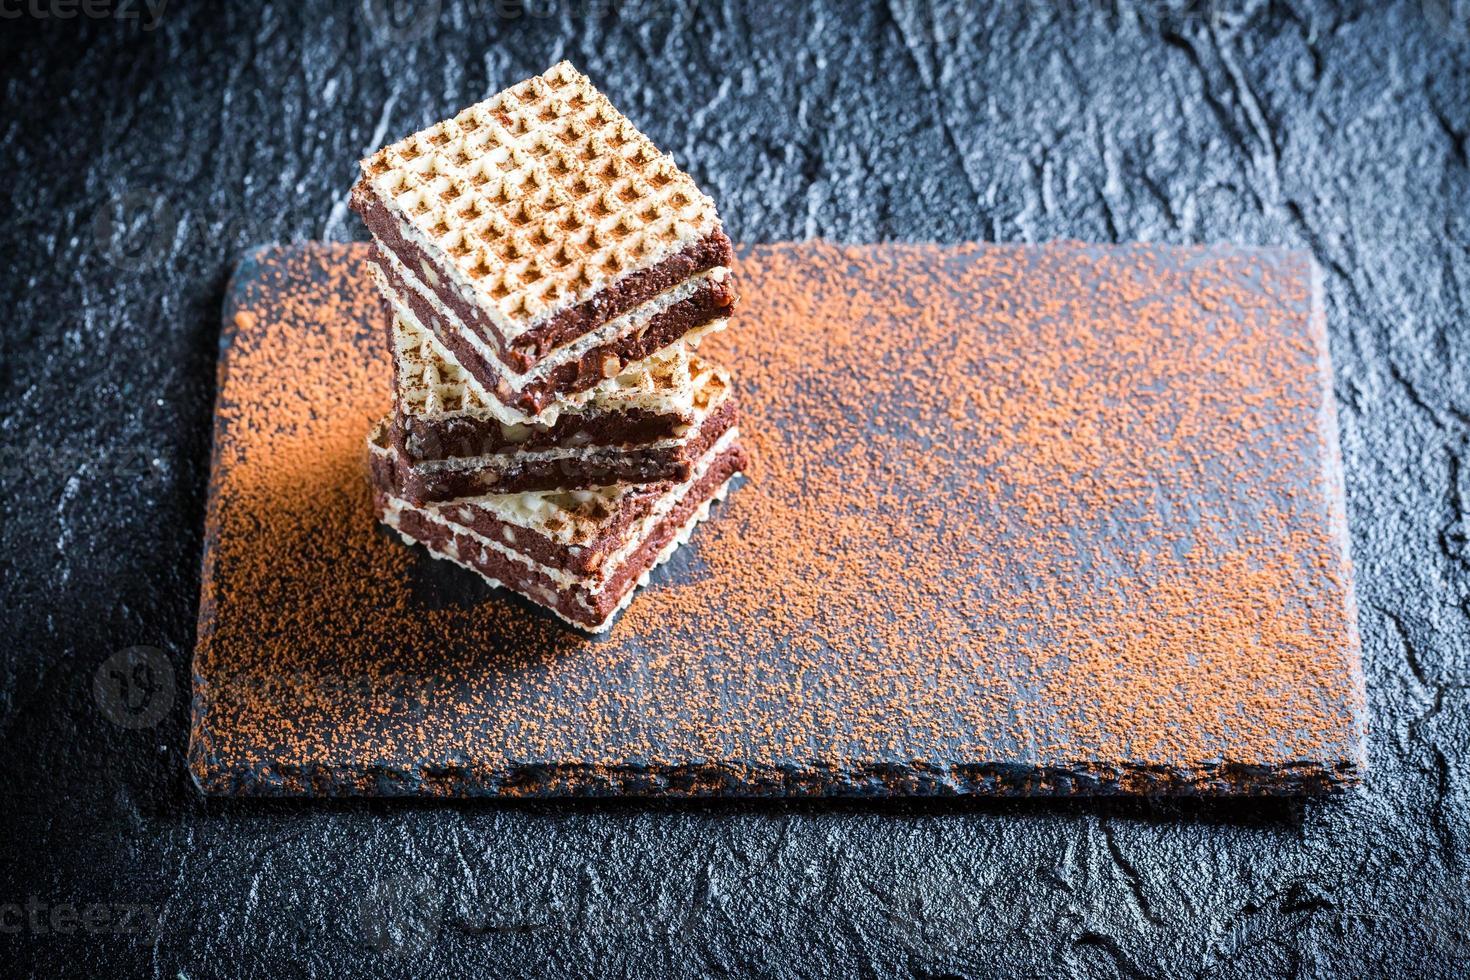 wafer fatti in casa con cioccolato e nocciole su lastra di pietra foto